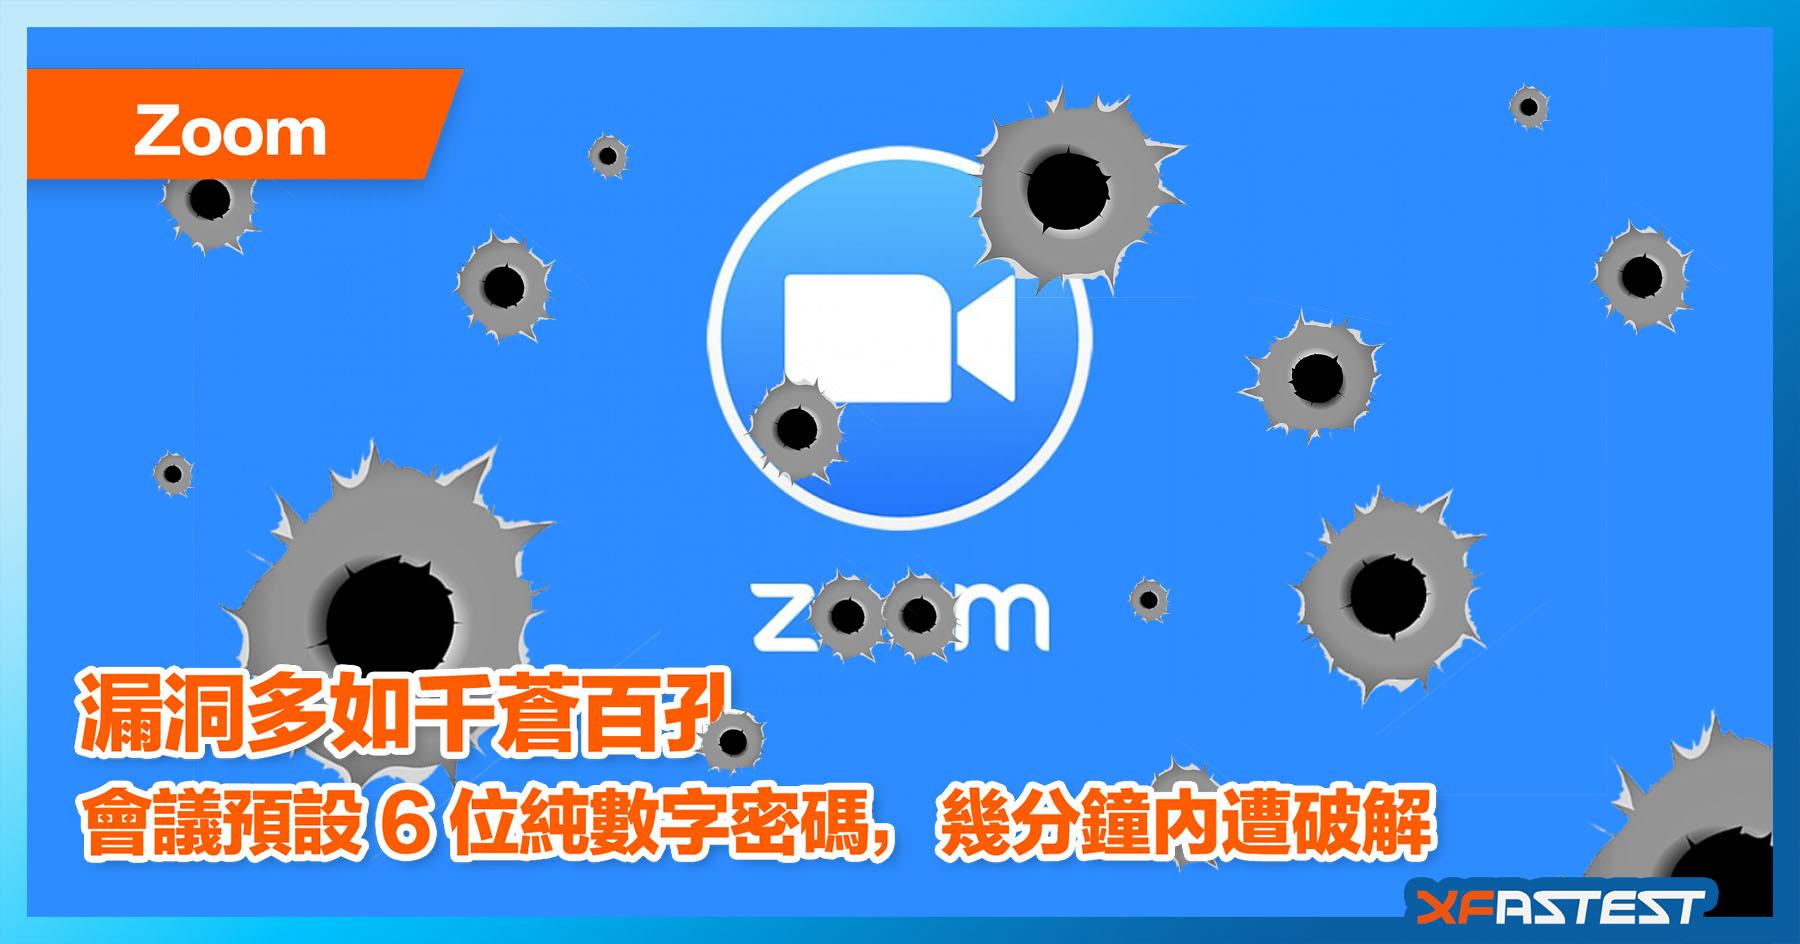 youku 客戶 端 破解